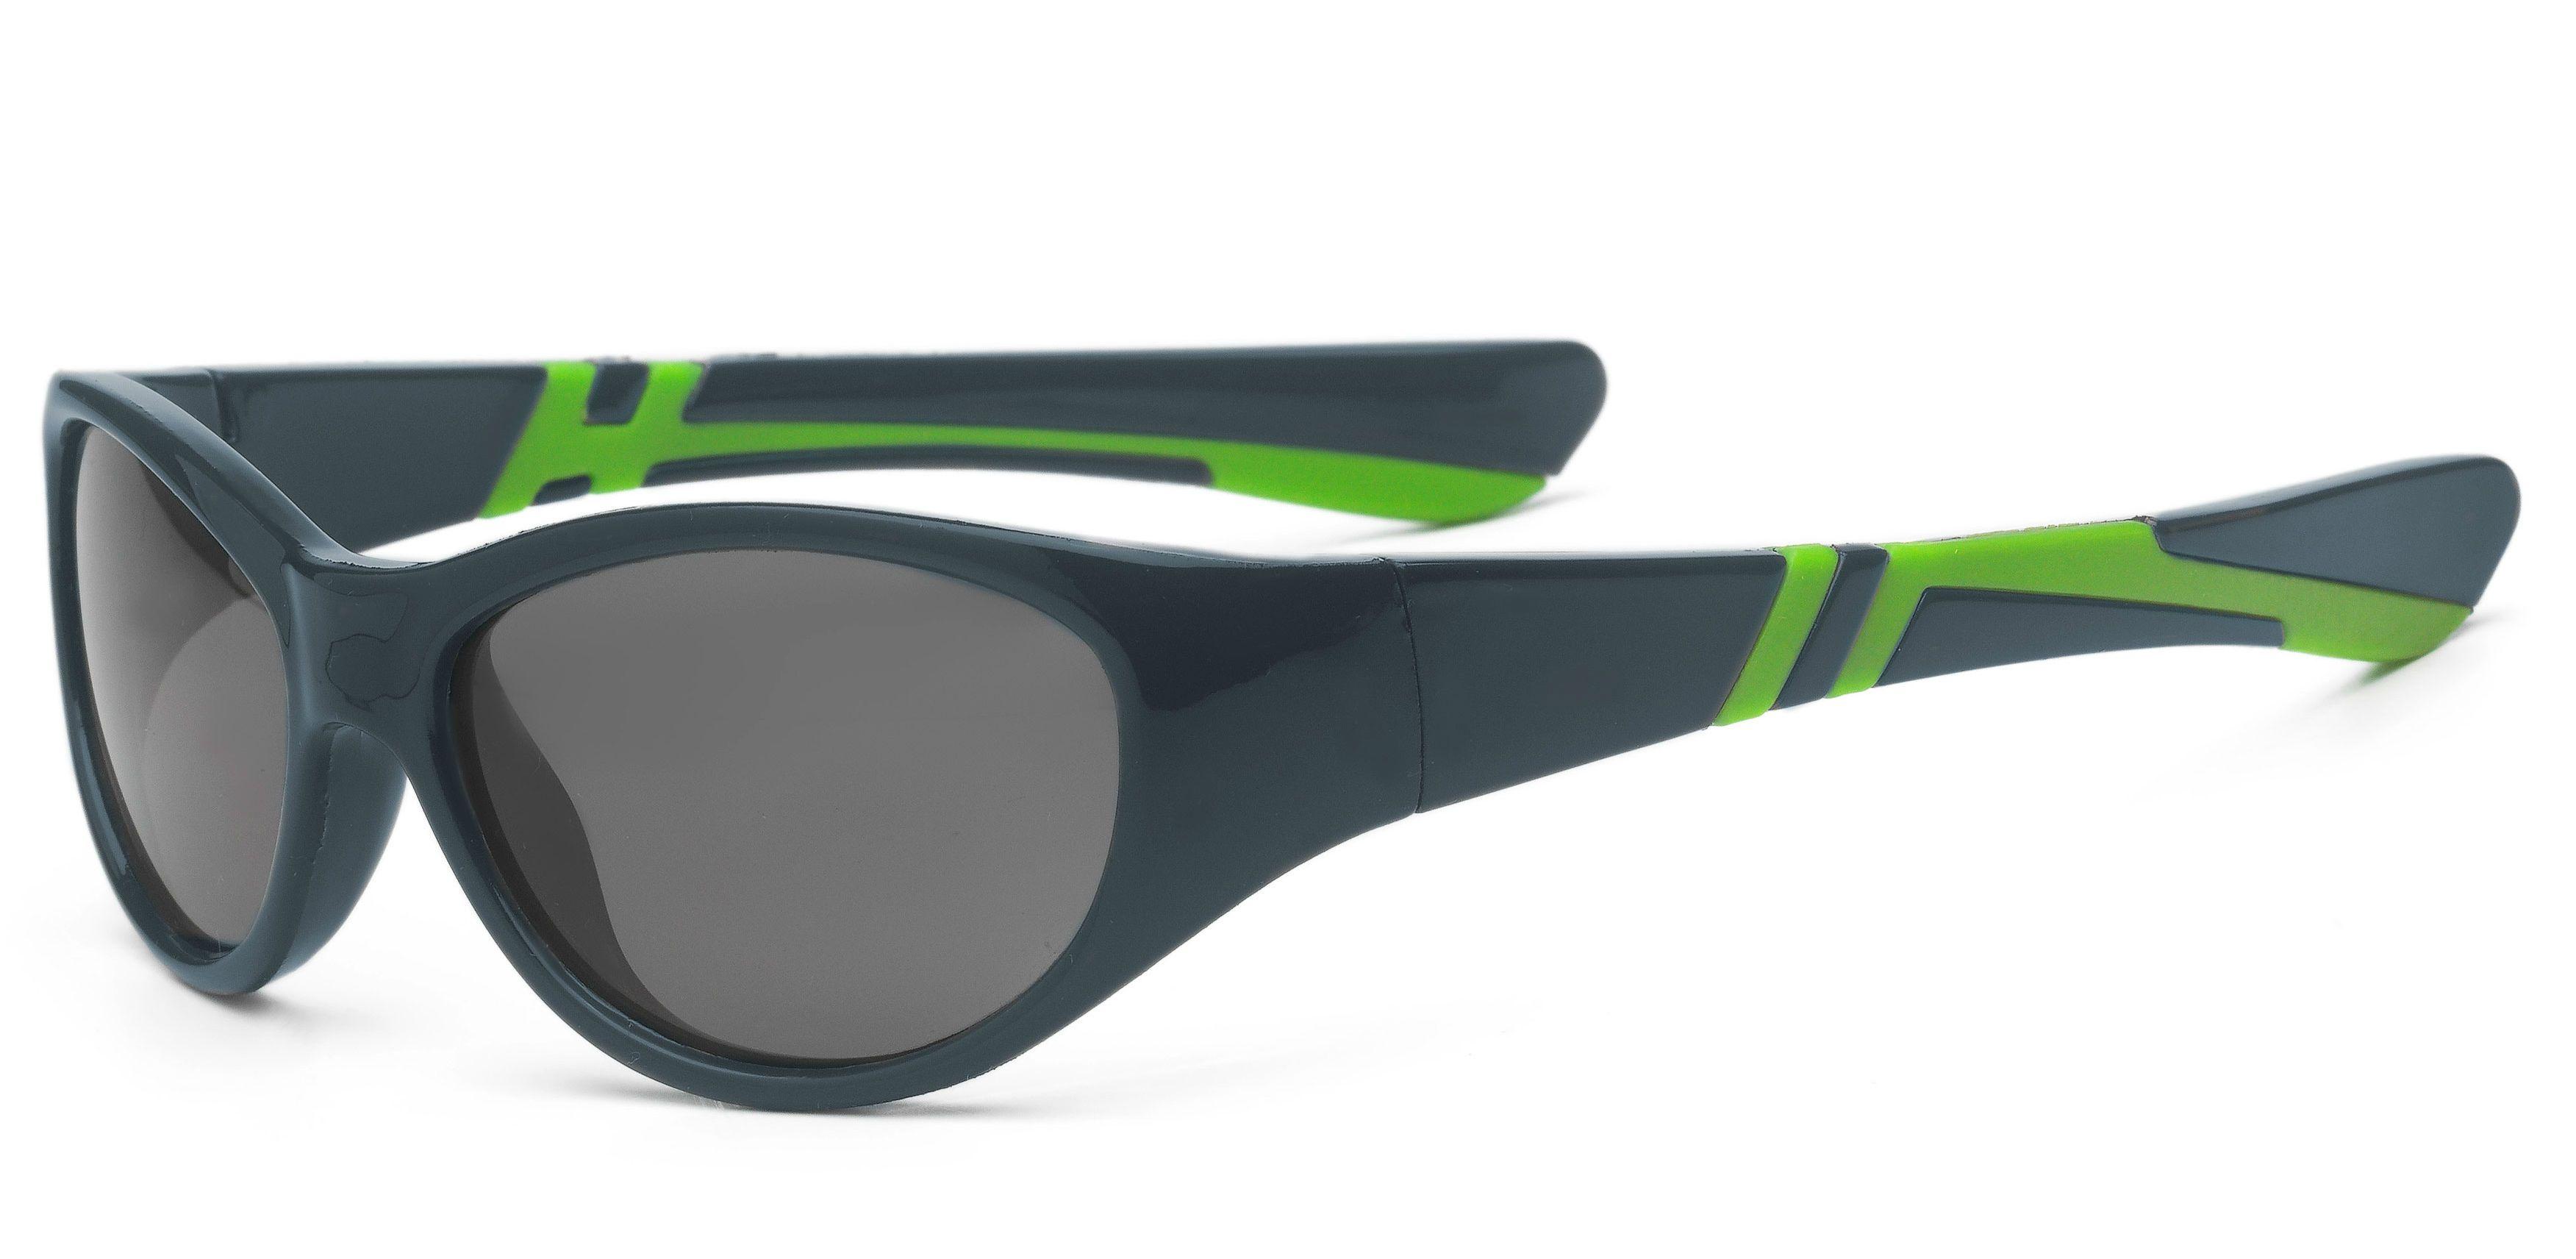 Solbriller fra real shades - discover - graphite fra Real kids shades fra babygear.dk